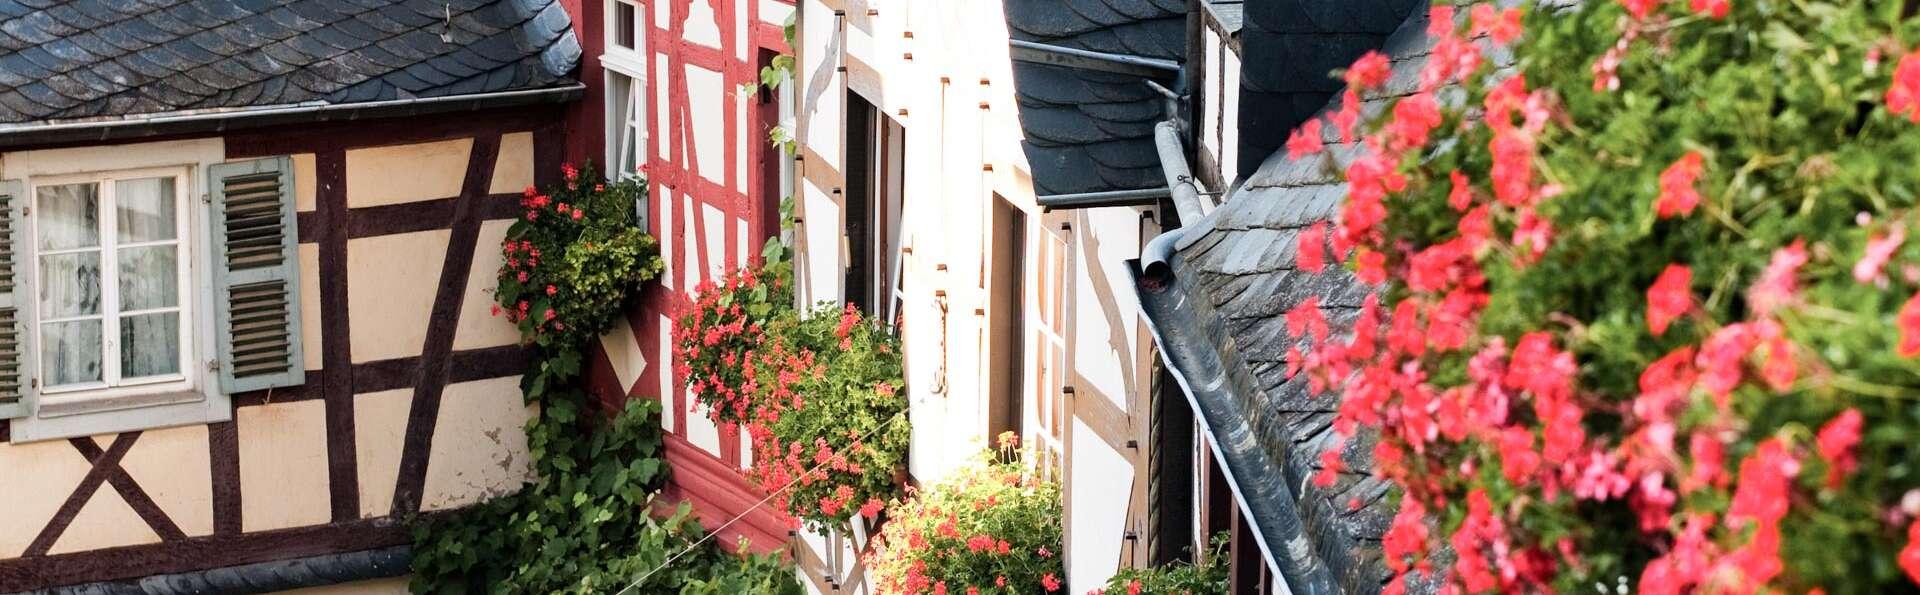 Ringhotel Bömers Mosellandhotel - EDIT_FRONT_01.jpg